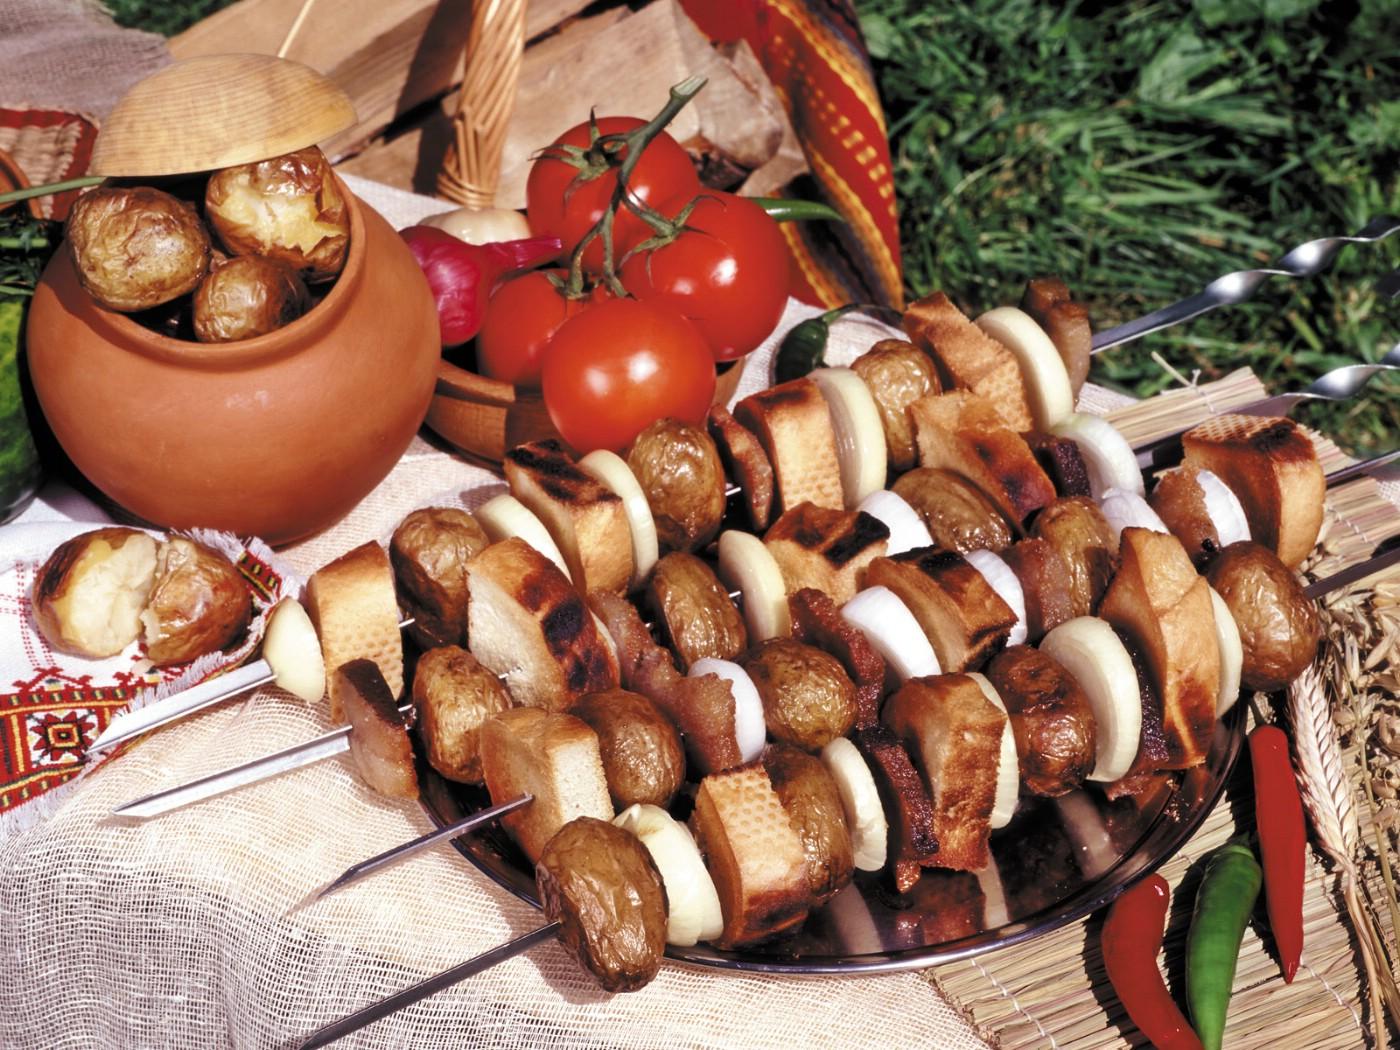 壁纸1400×1050美味烧烤 4 19壁纸 美味烧烤壁纸图片美食壁纸美食图片素材桌面壁纸